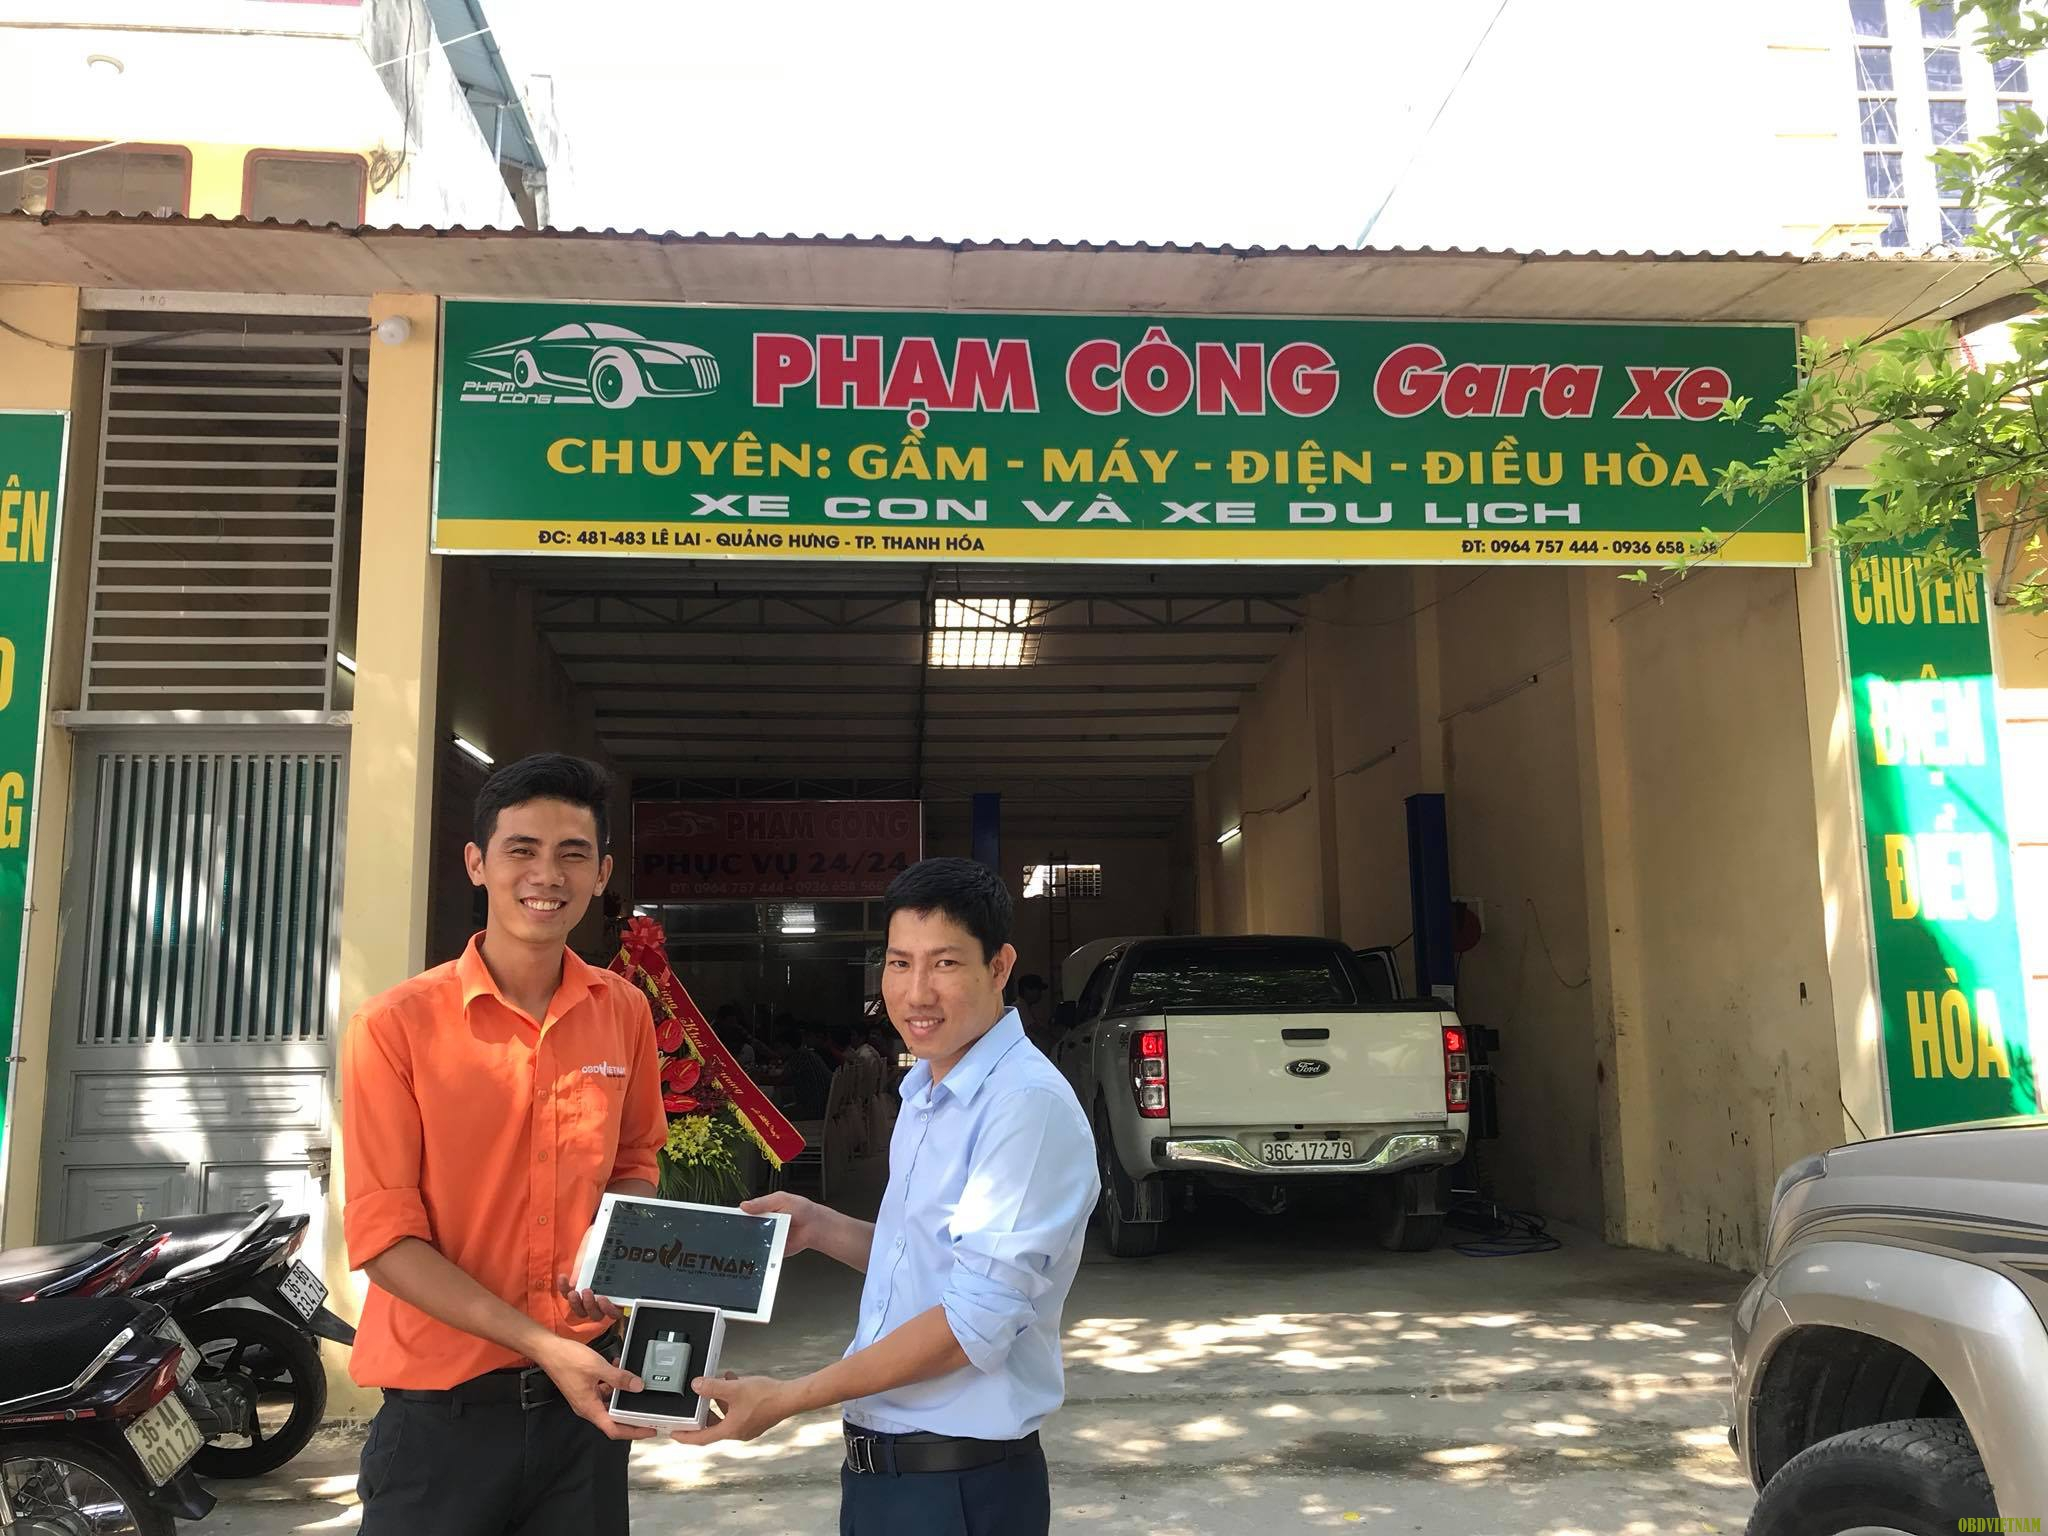 OBD Việt Nam Chuyển Giao Máy Chẩn Đoán Tại Thanh Hóa